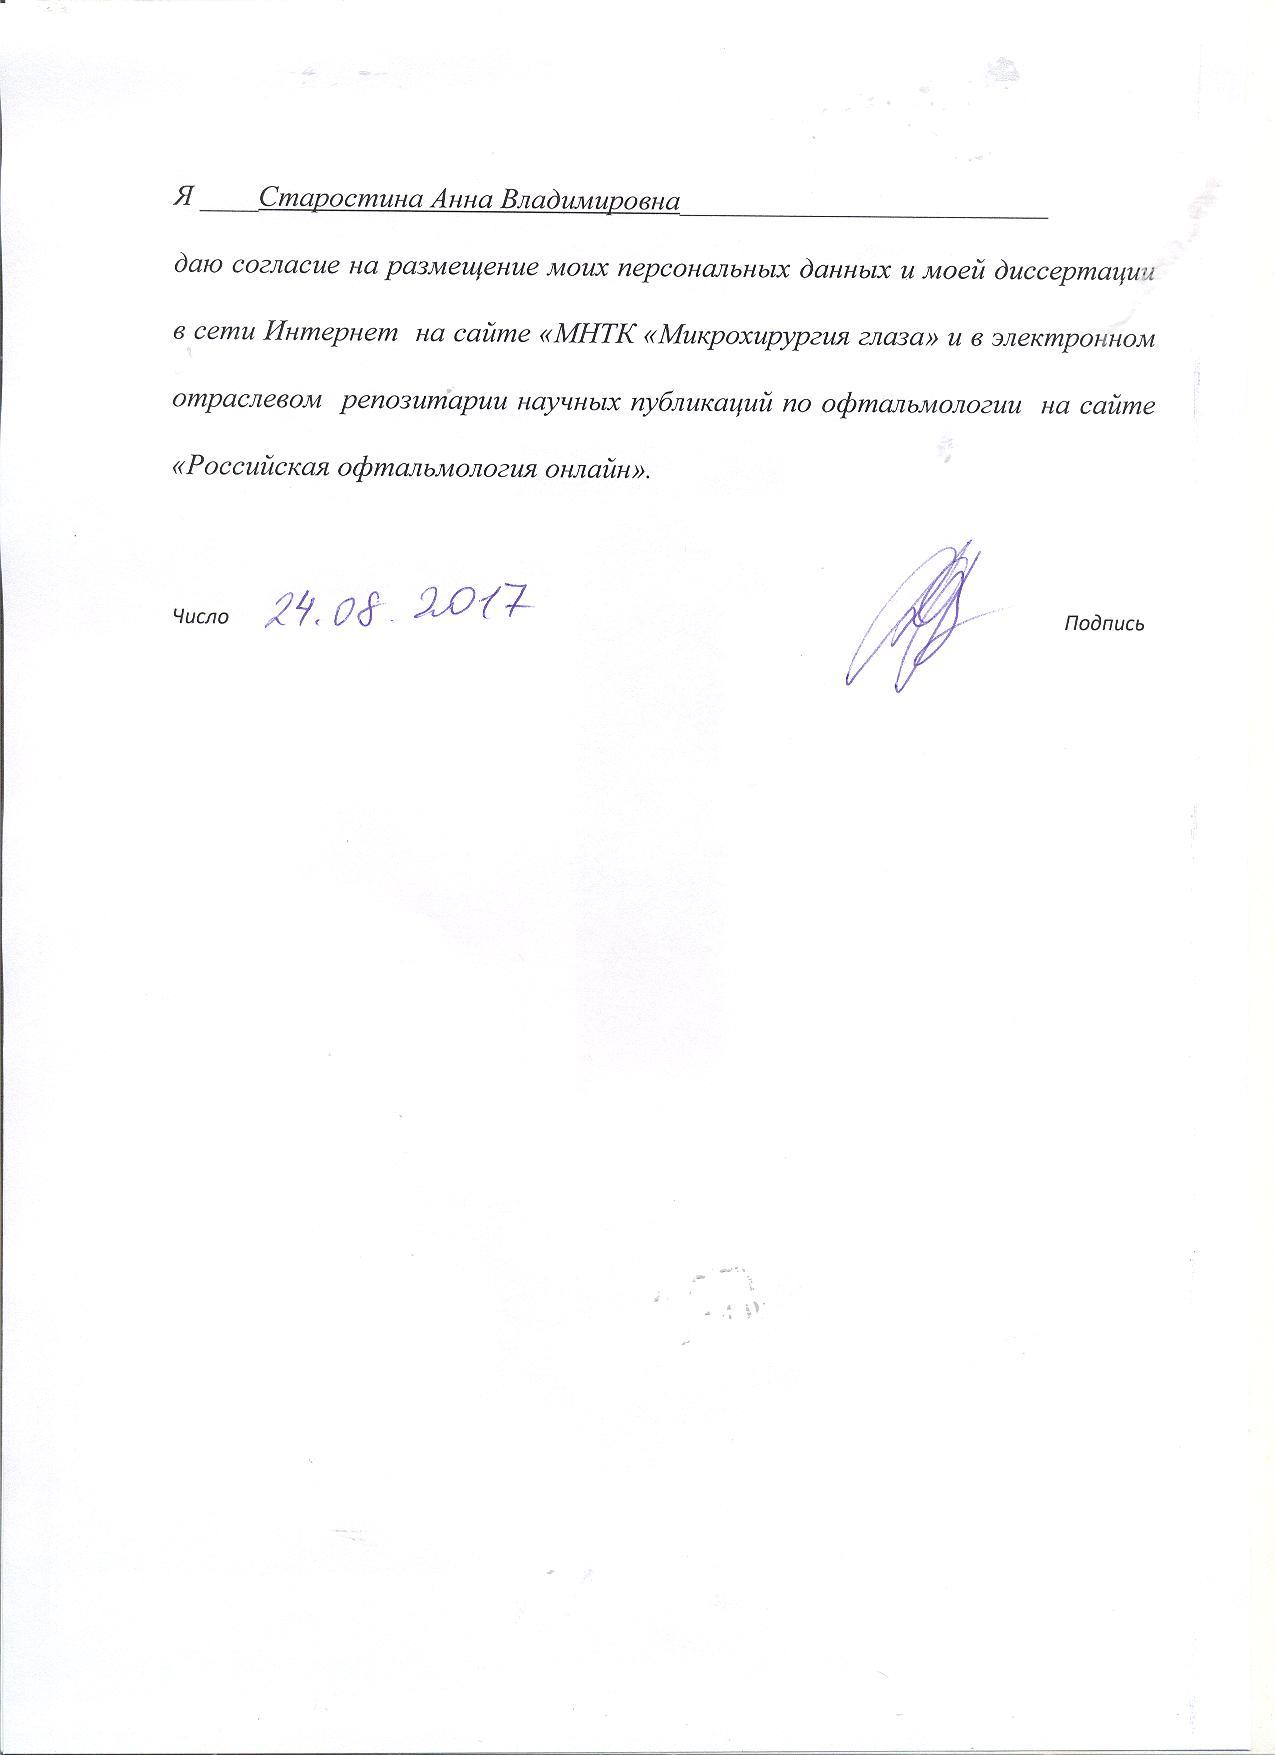 Старостина Анна Владимировна Согласие на размещение персональных данных и диссертации в сети интернет